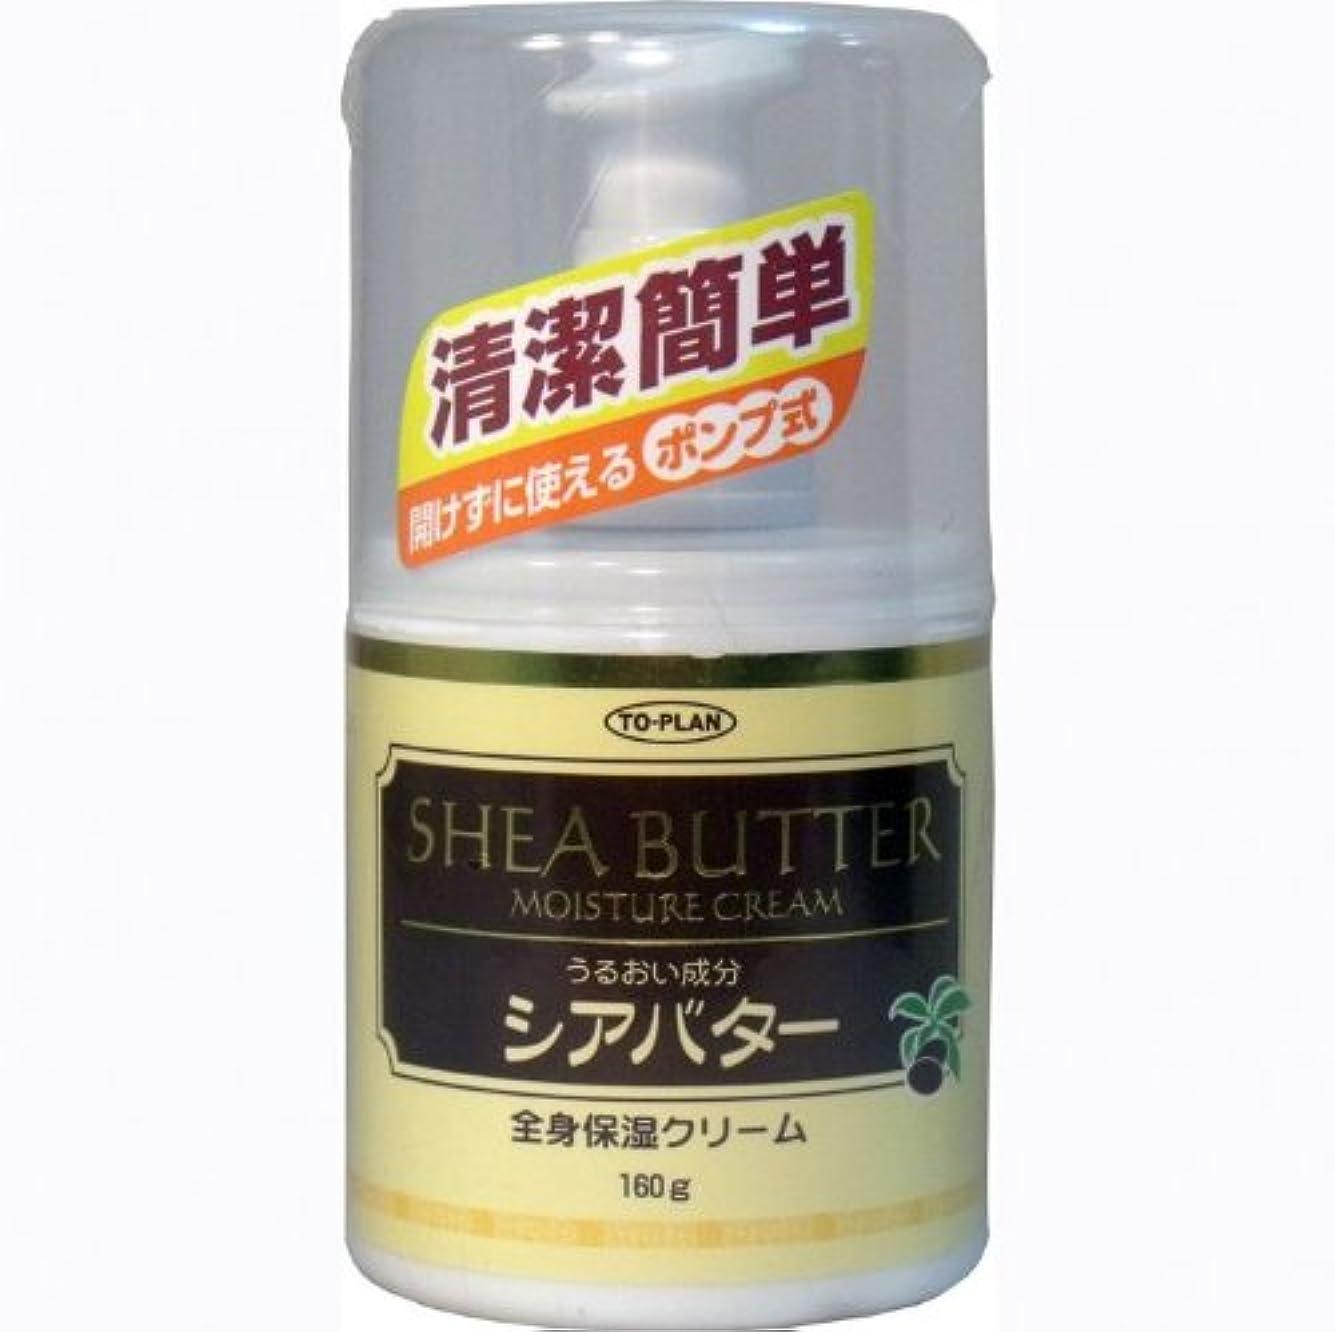 望みスコアストレストプラン 全身保湿クリーム シアバター ポンプ式 160g「4点セット」